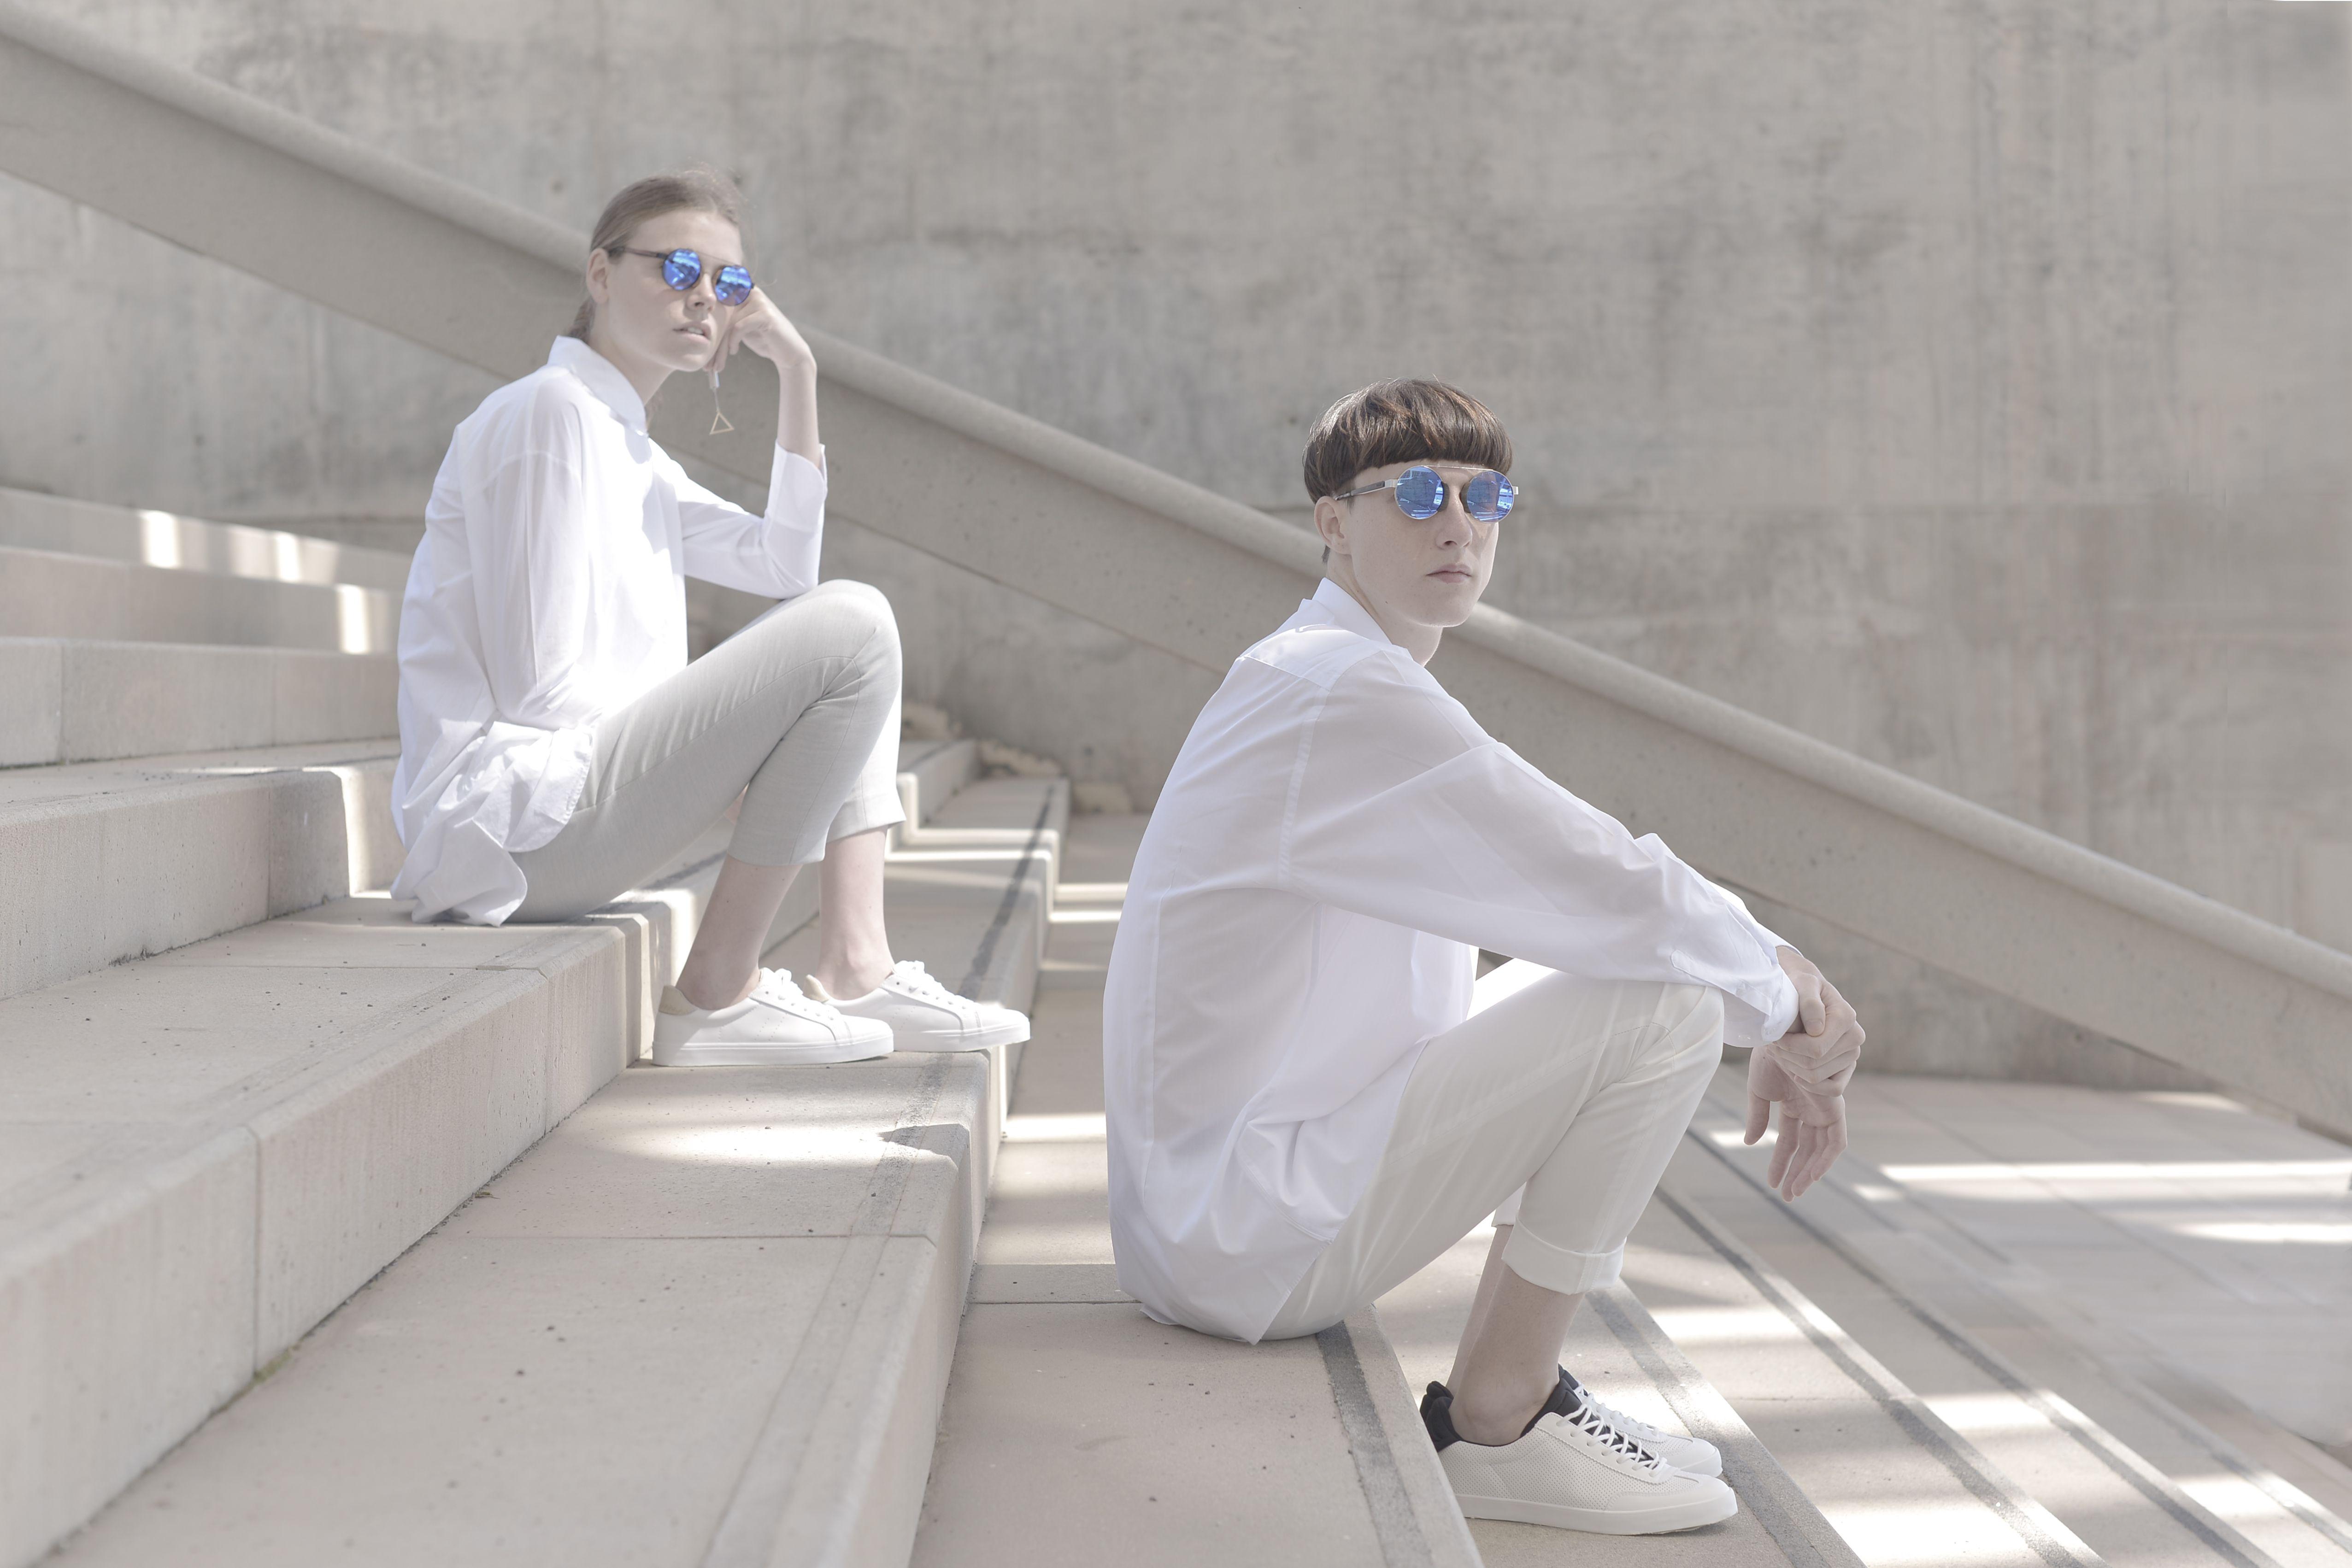 SunGlasses by MAM Originals Pic by Reni Wu